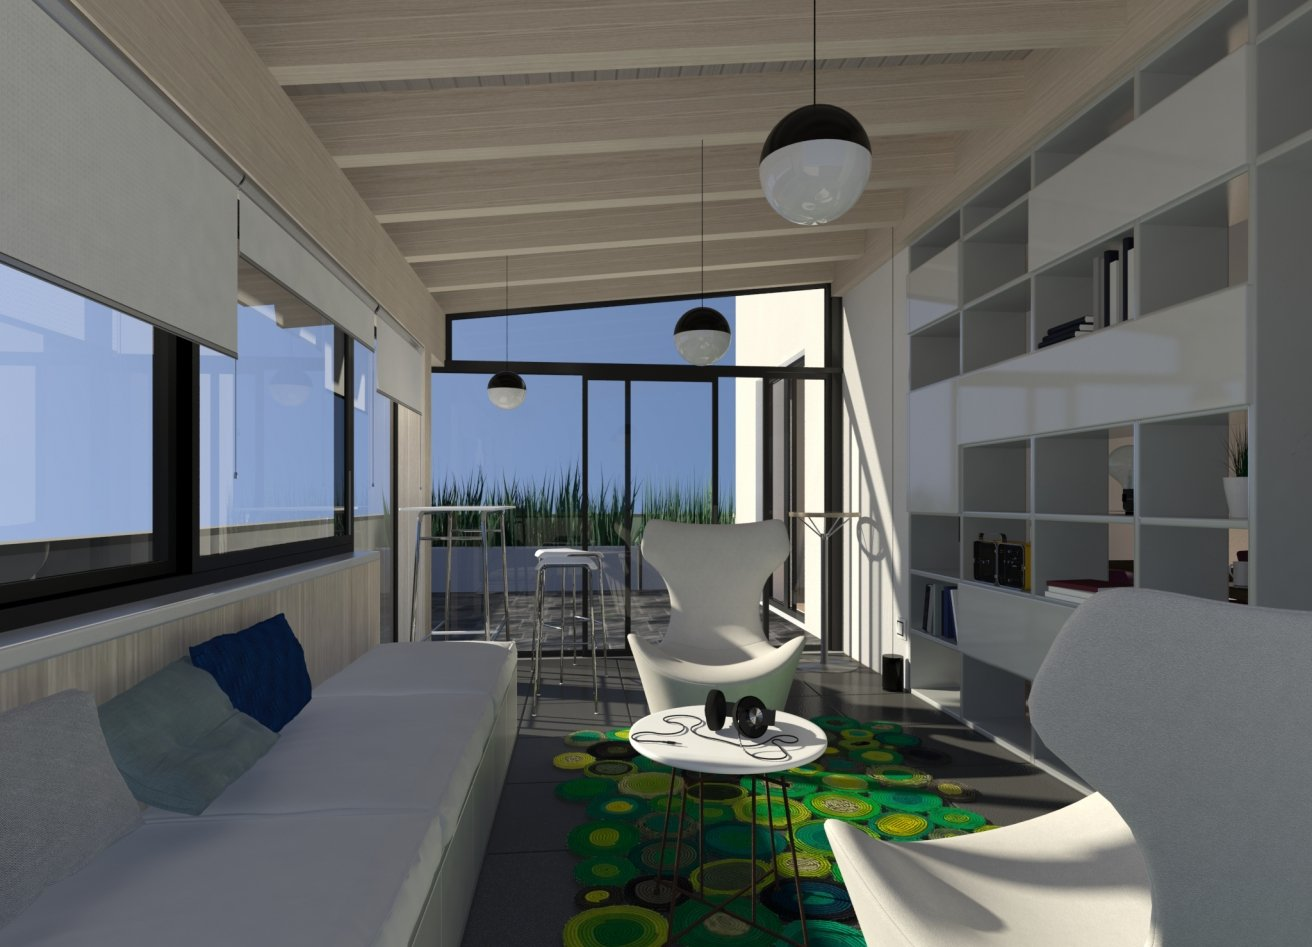 Coprire Terrazzo Con Veranda chiudere il balcone per fare la veranda - cose di casa